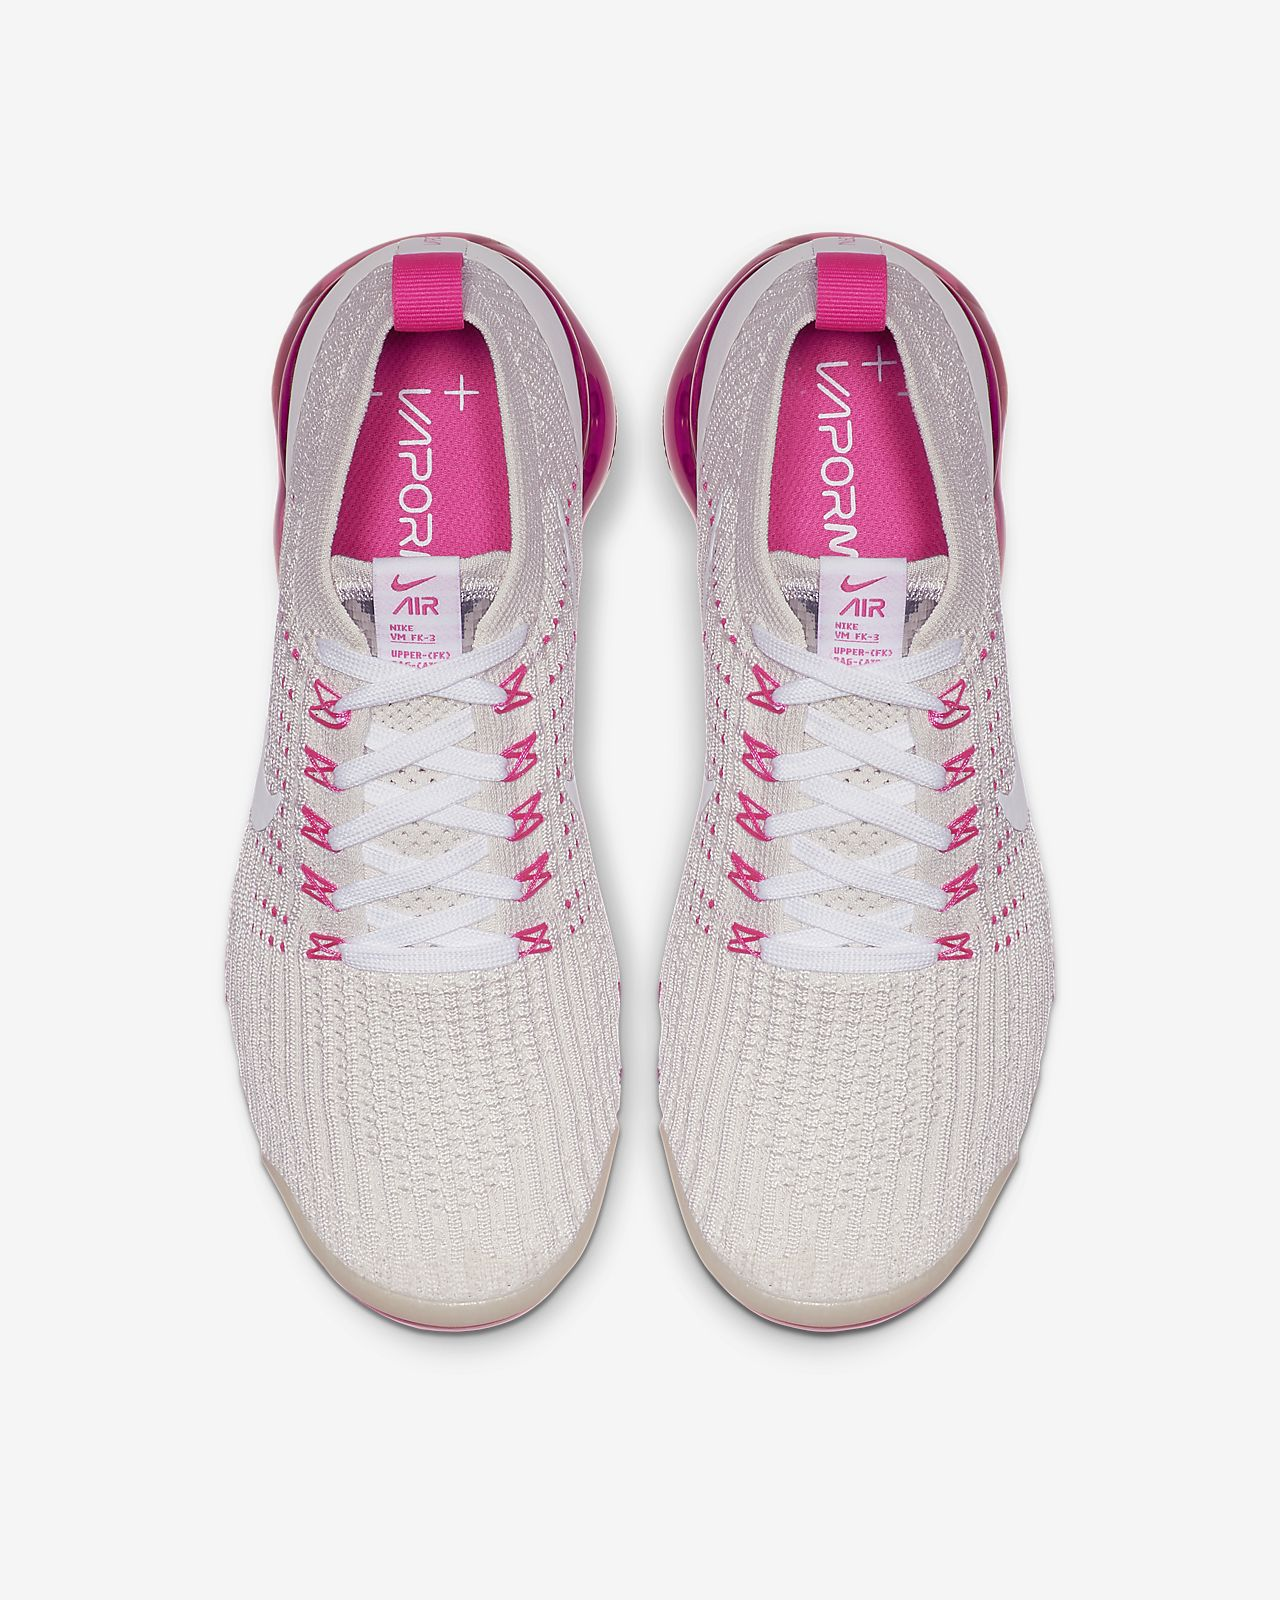 b5951035b00e4 Nike Air VaporMax Flyknit 3 Women s Shoe. Nike.com ZA